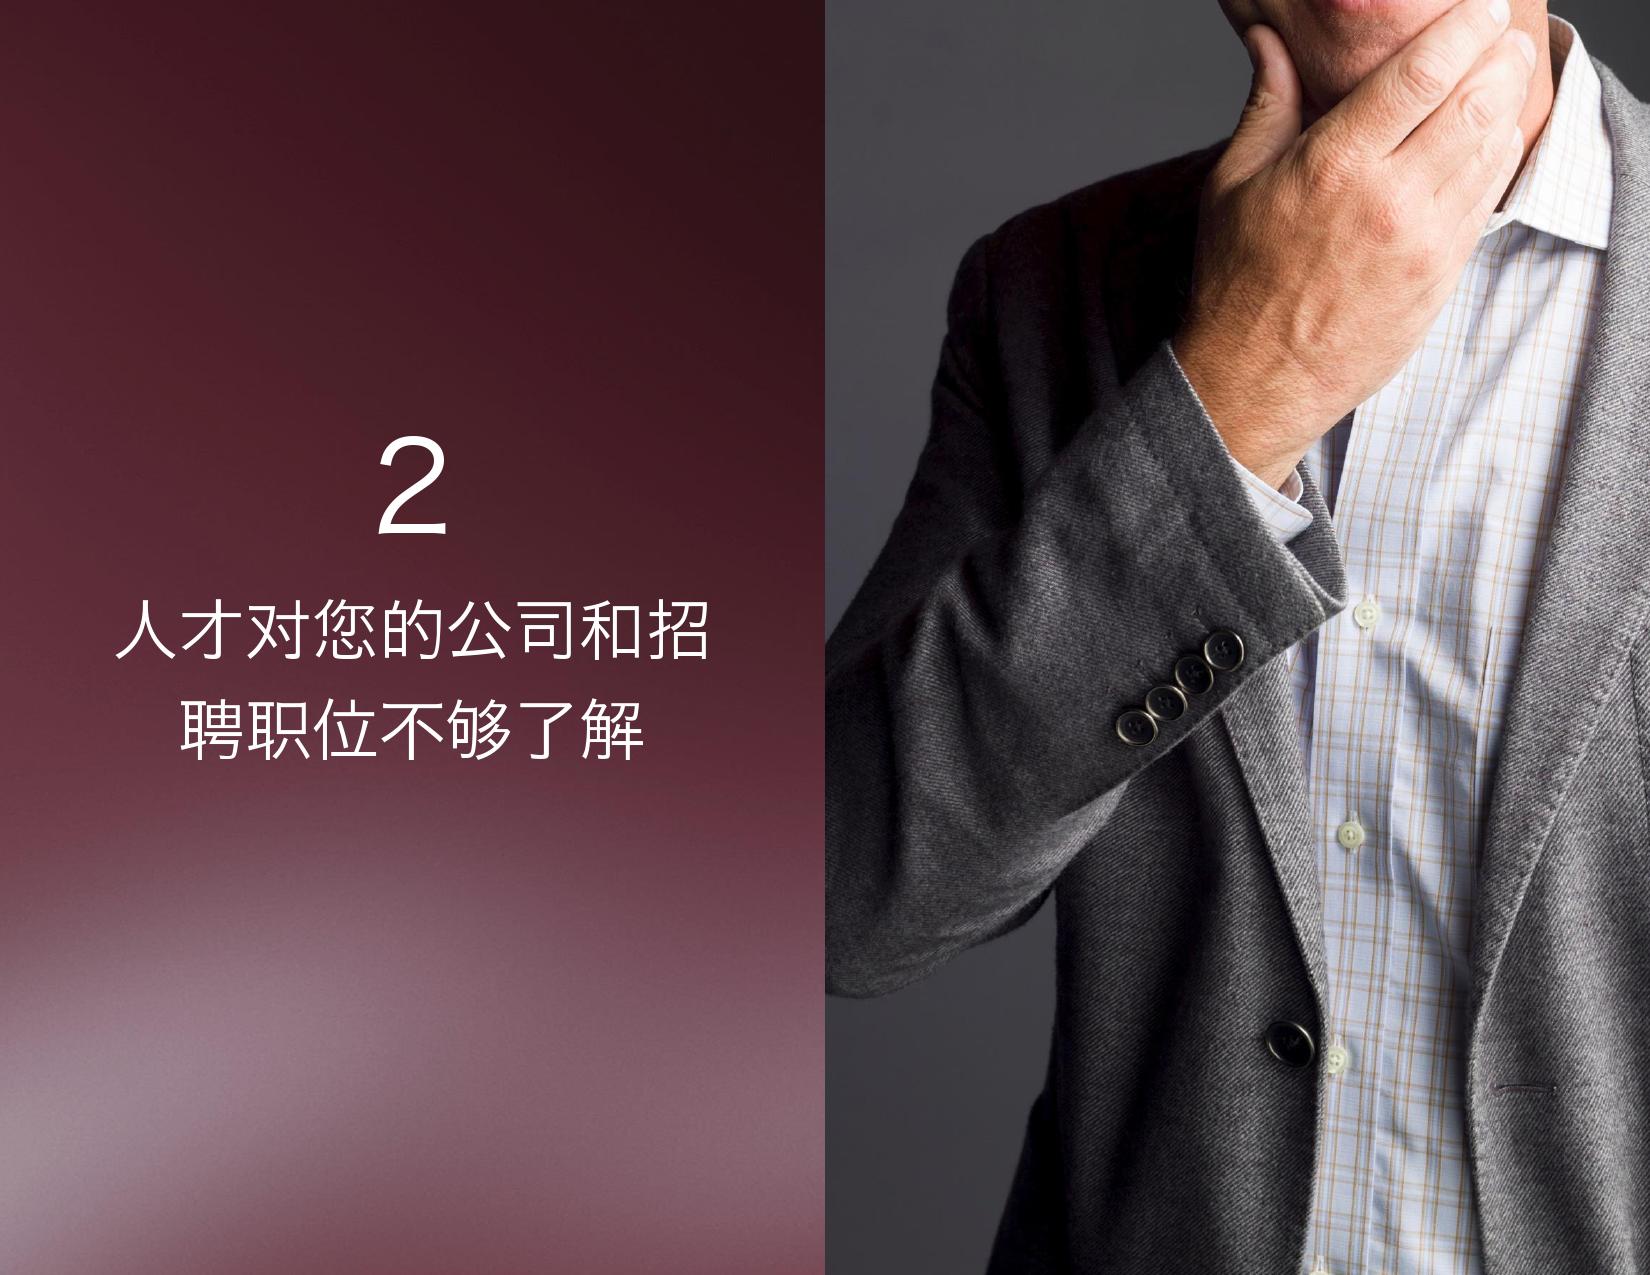 2016年中国人才趋势报告_000011